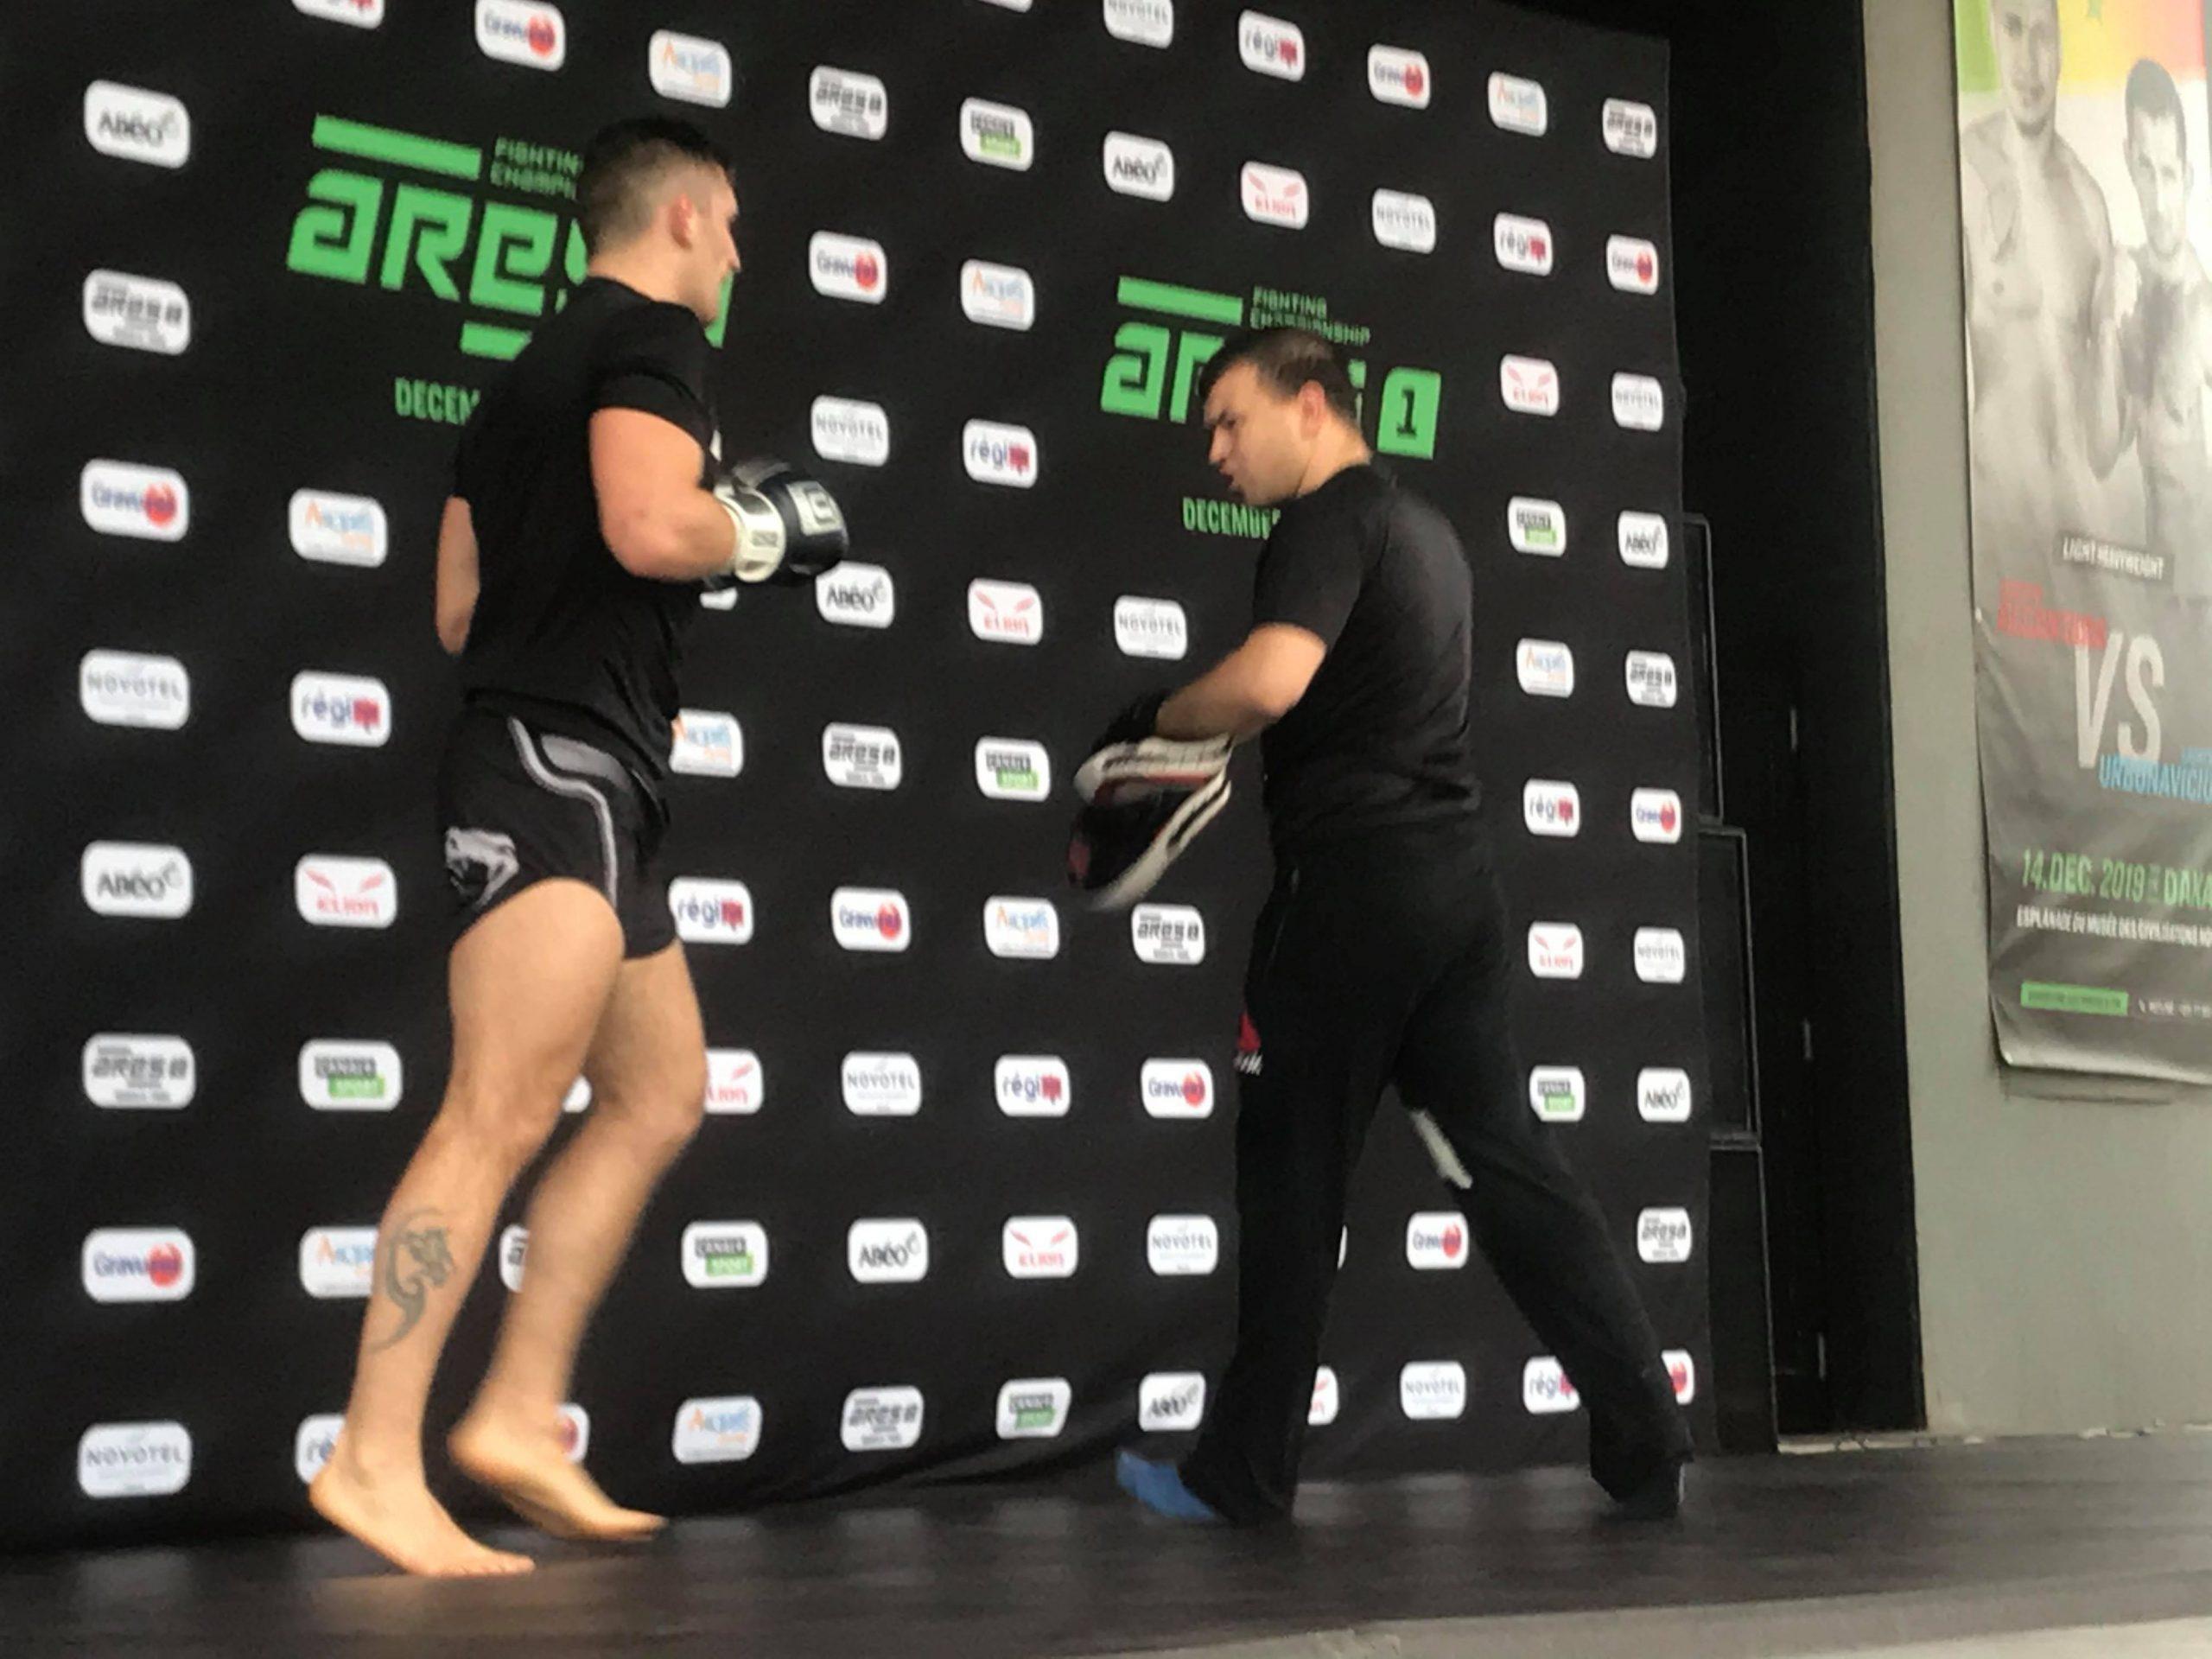 78835872 445892059655303 6784794197229568000 n scaled - MMA : Reug Reug et son adversaire Sofiane, présentés au public (13 Photos)